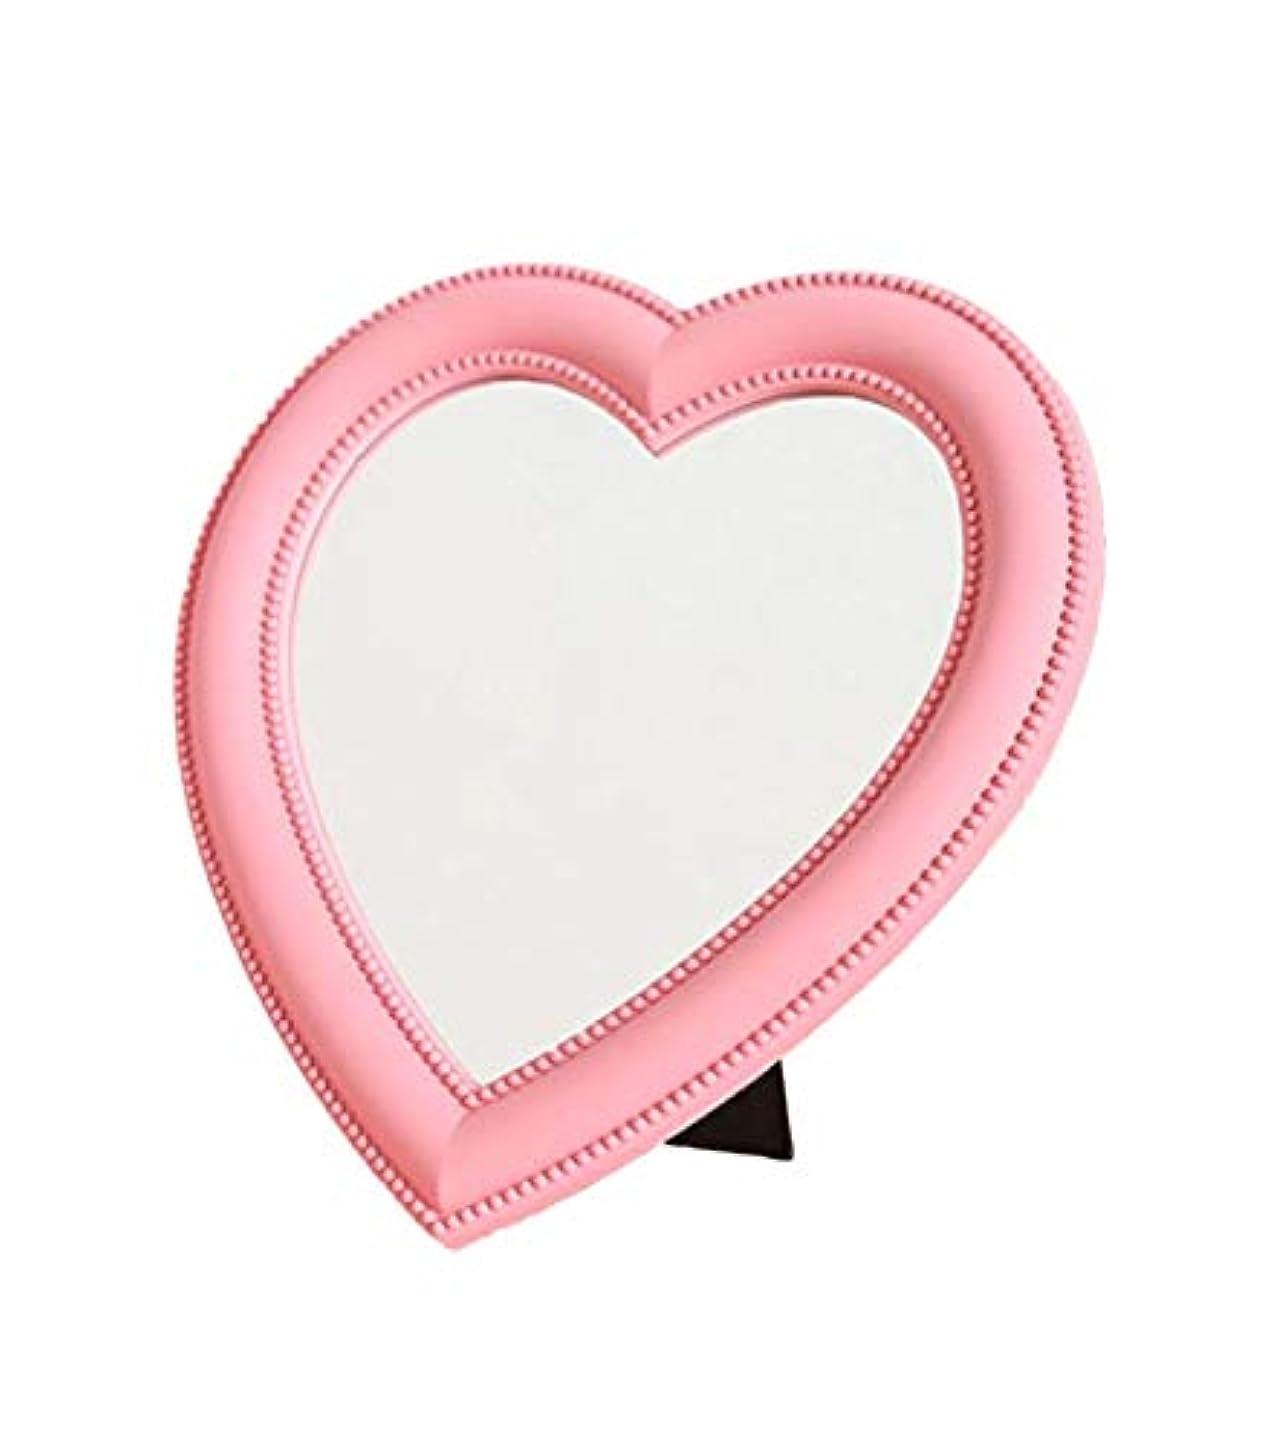 残高大気身元[ワズチヨ] 卓上 スタンド ミラー 鏡 ハート 型 デスクトップメイクアップミラー インテリア 壁 掛け 女の子 化粧 メイク アップ コンパクト プレゼント (ピンク)